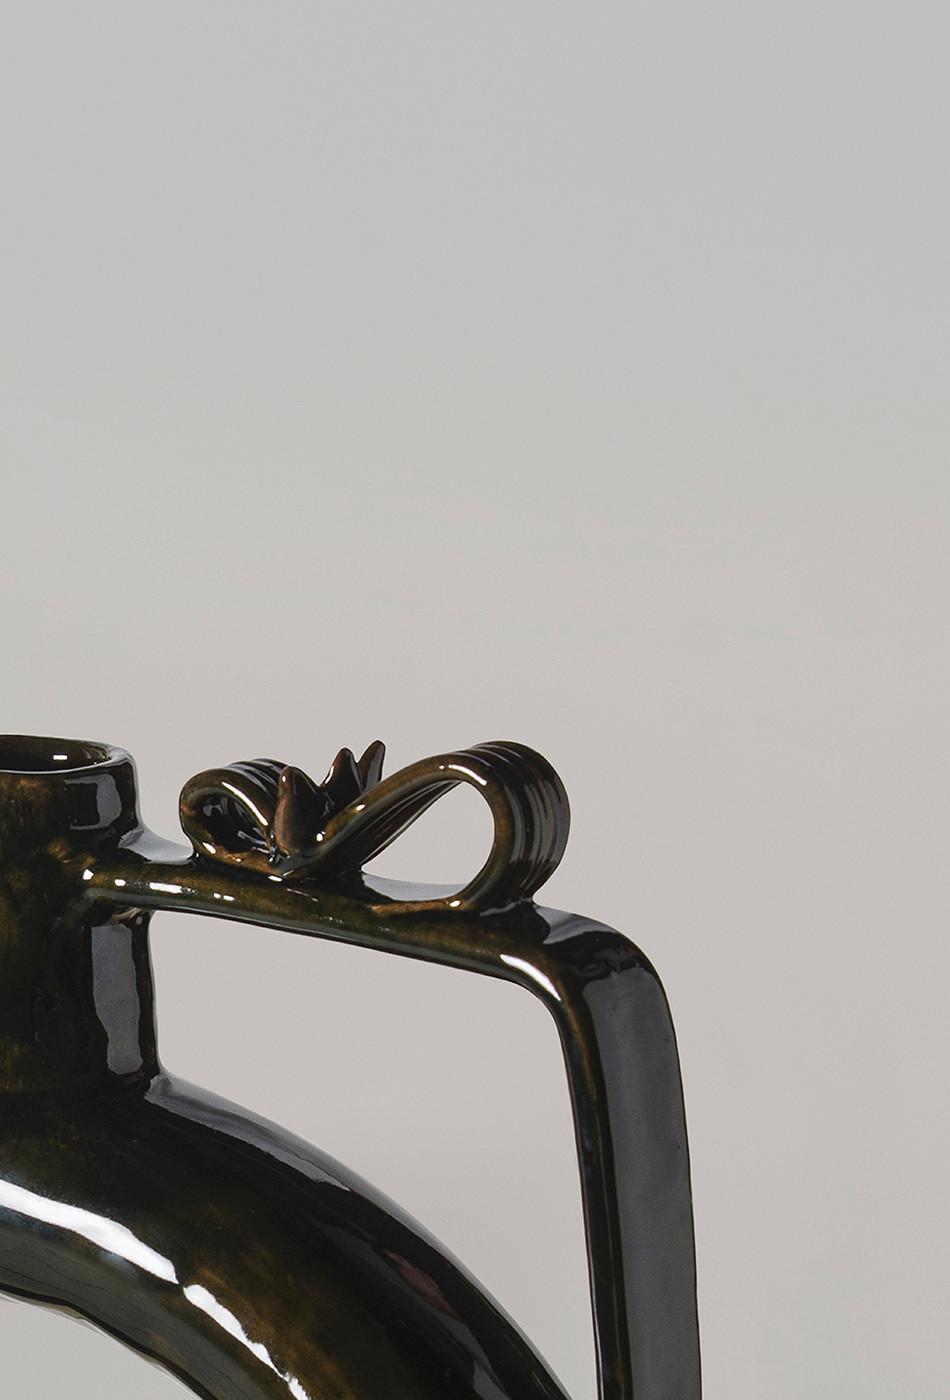 Siri-Vase-by-Pretziada-Studio,-made-by-W